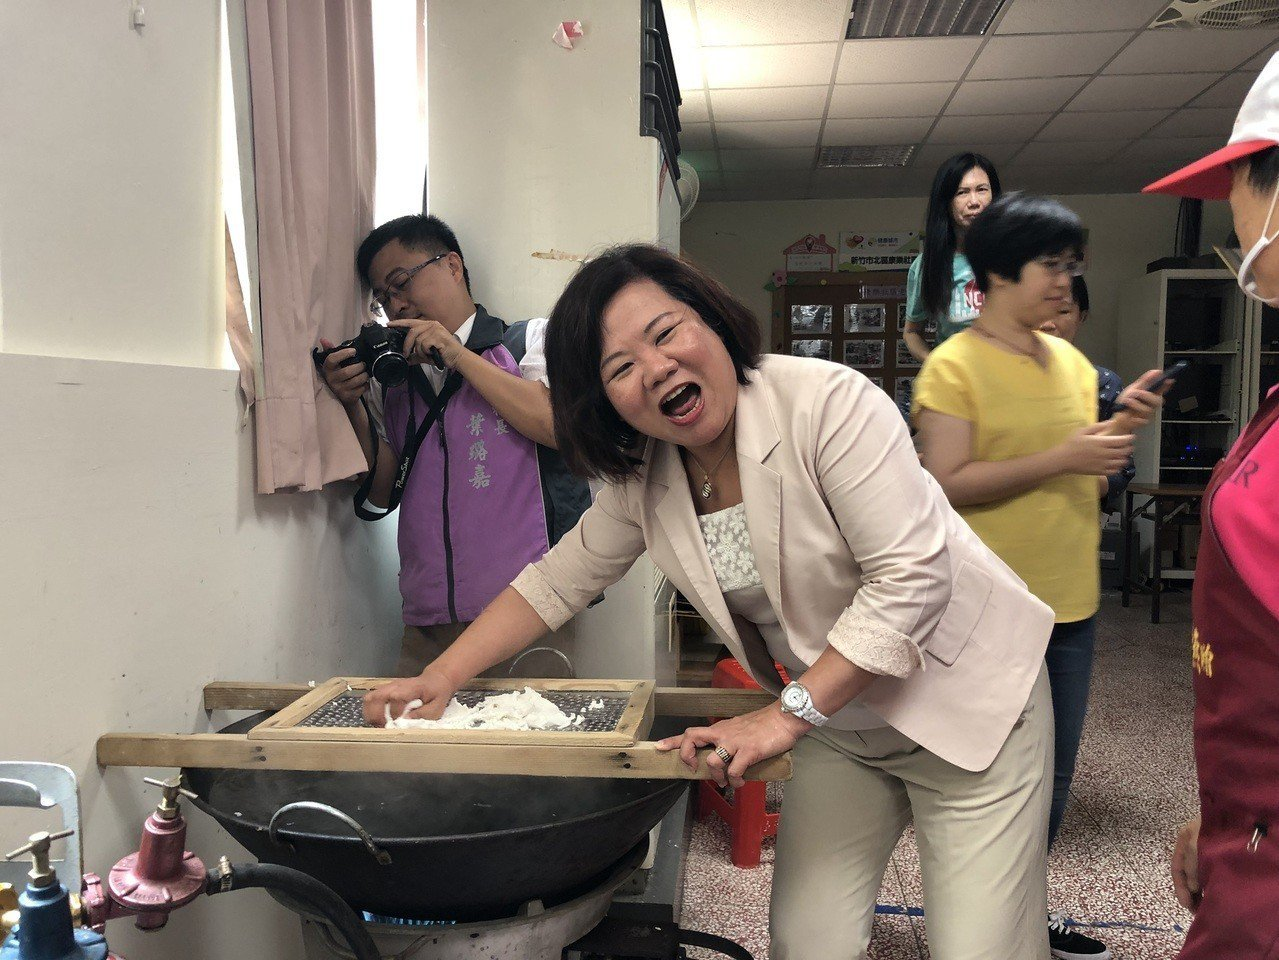 勞動部長許銘春今日到新竹市康樂社區協會體驗農村美食米苔目,會後受訪談到基本工資時...